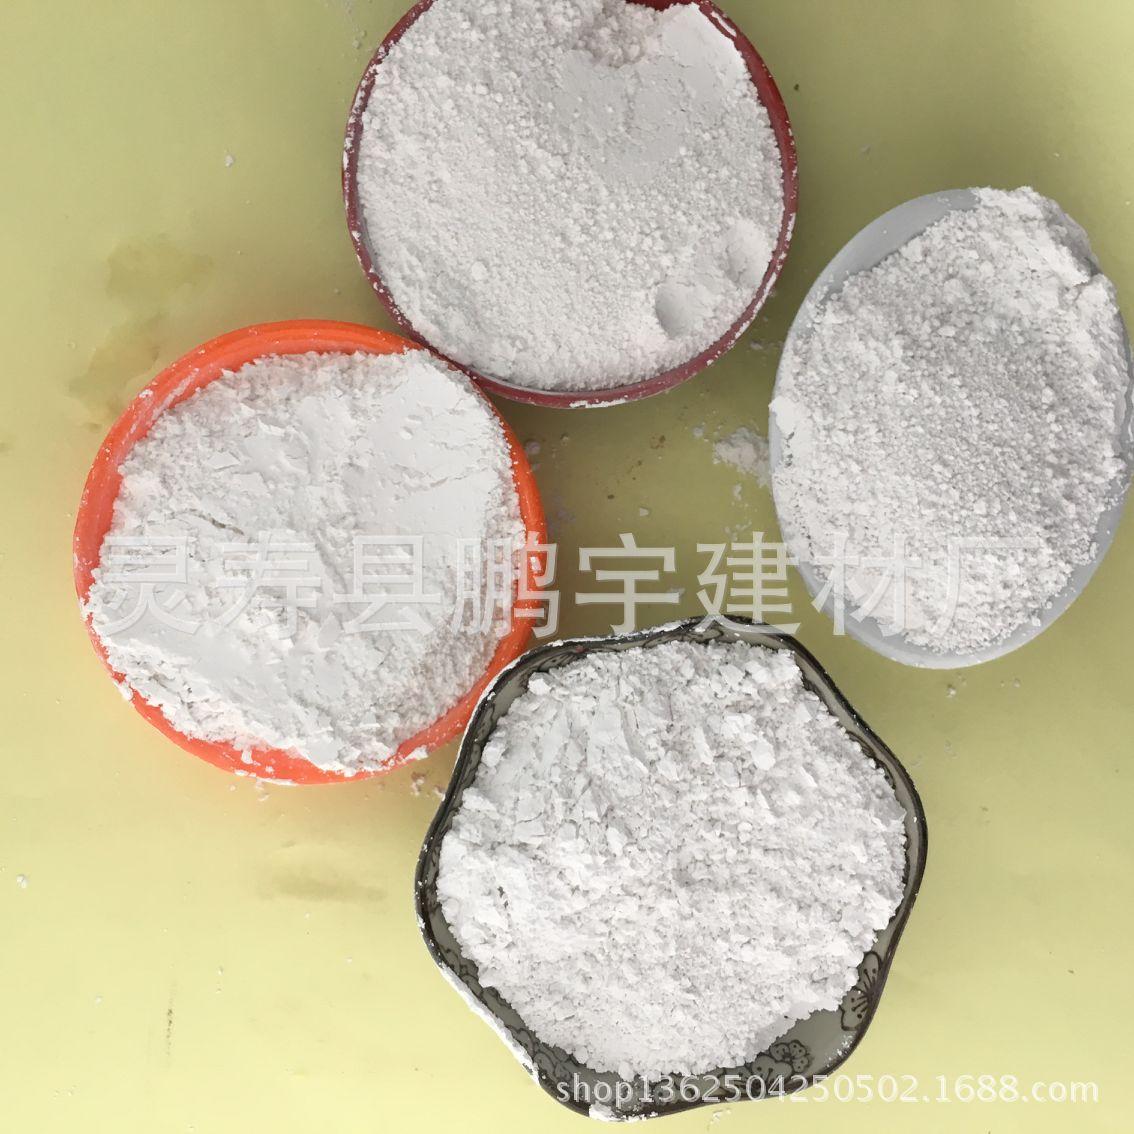 雕塑专用白陶土粉 铸造涂料用陶土 煅烧白陶土粉